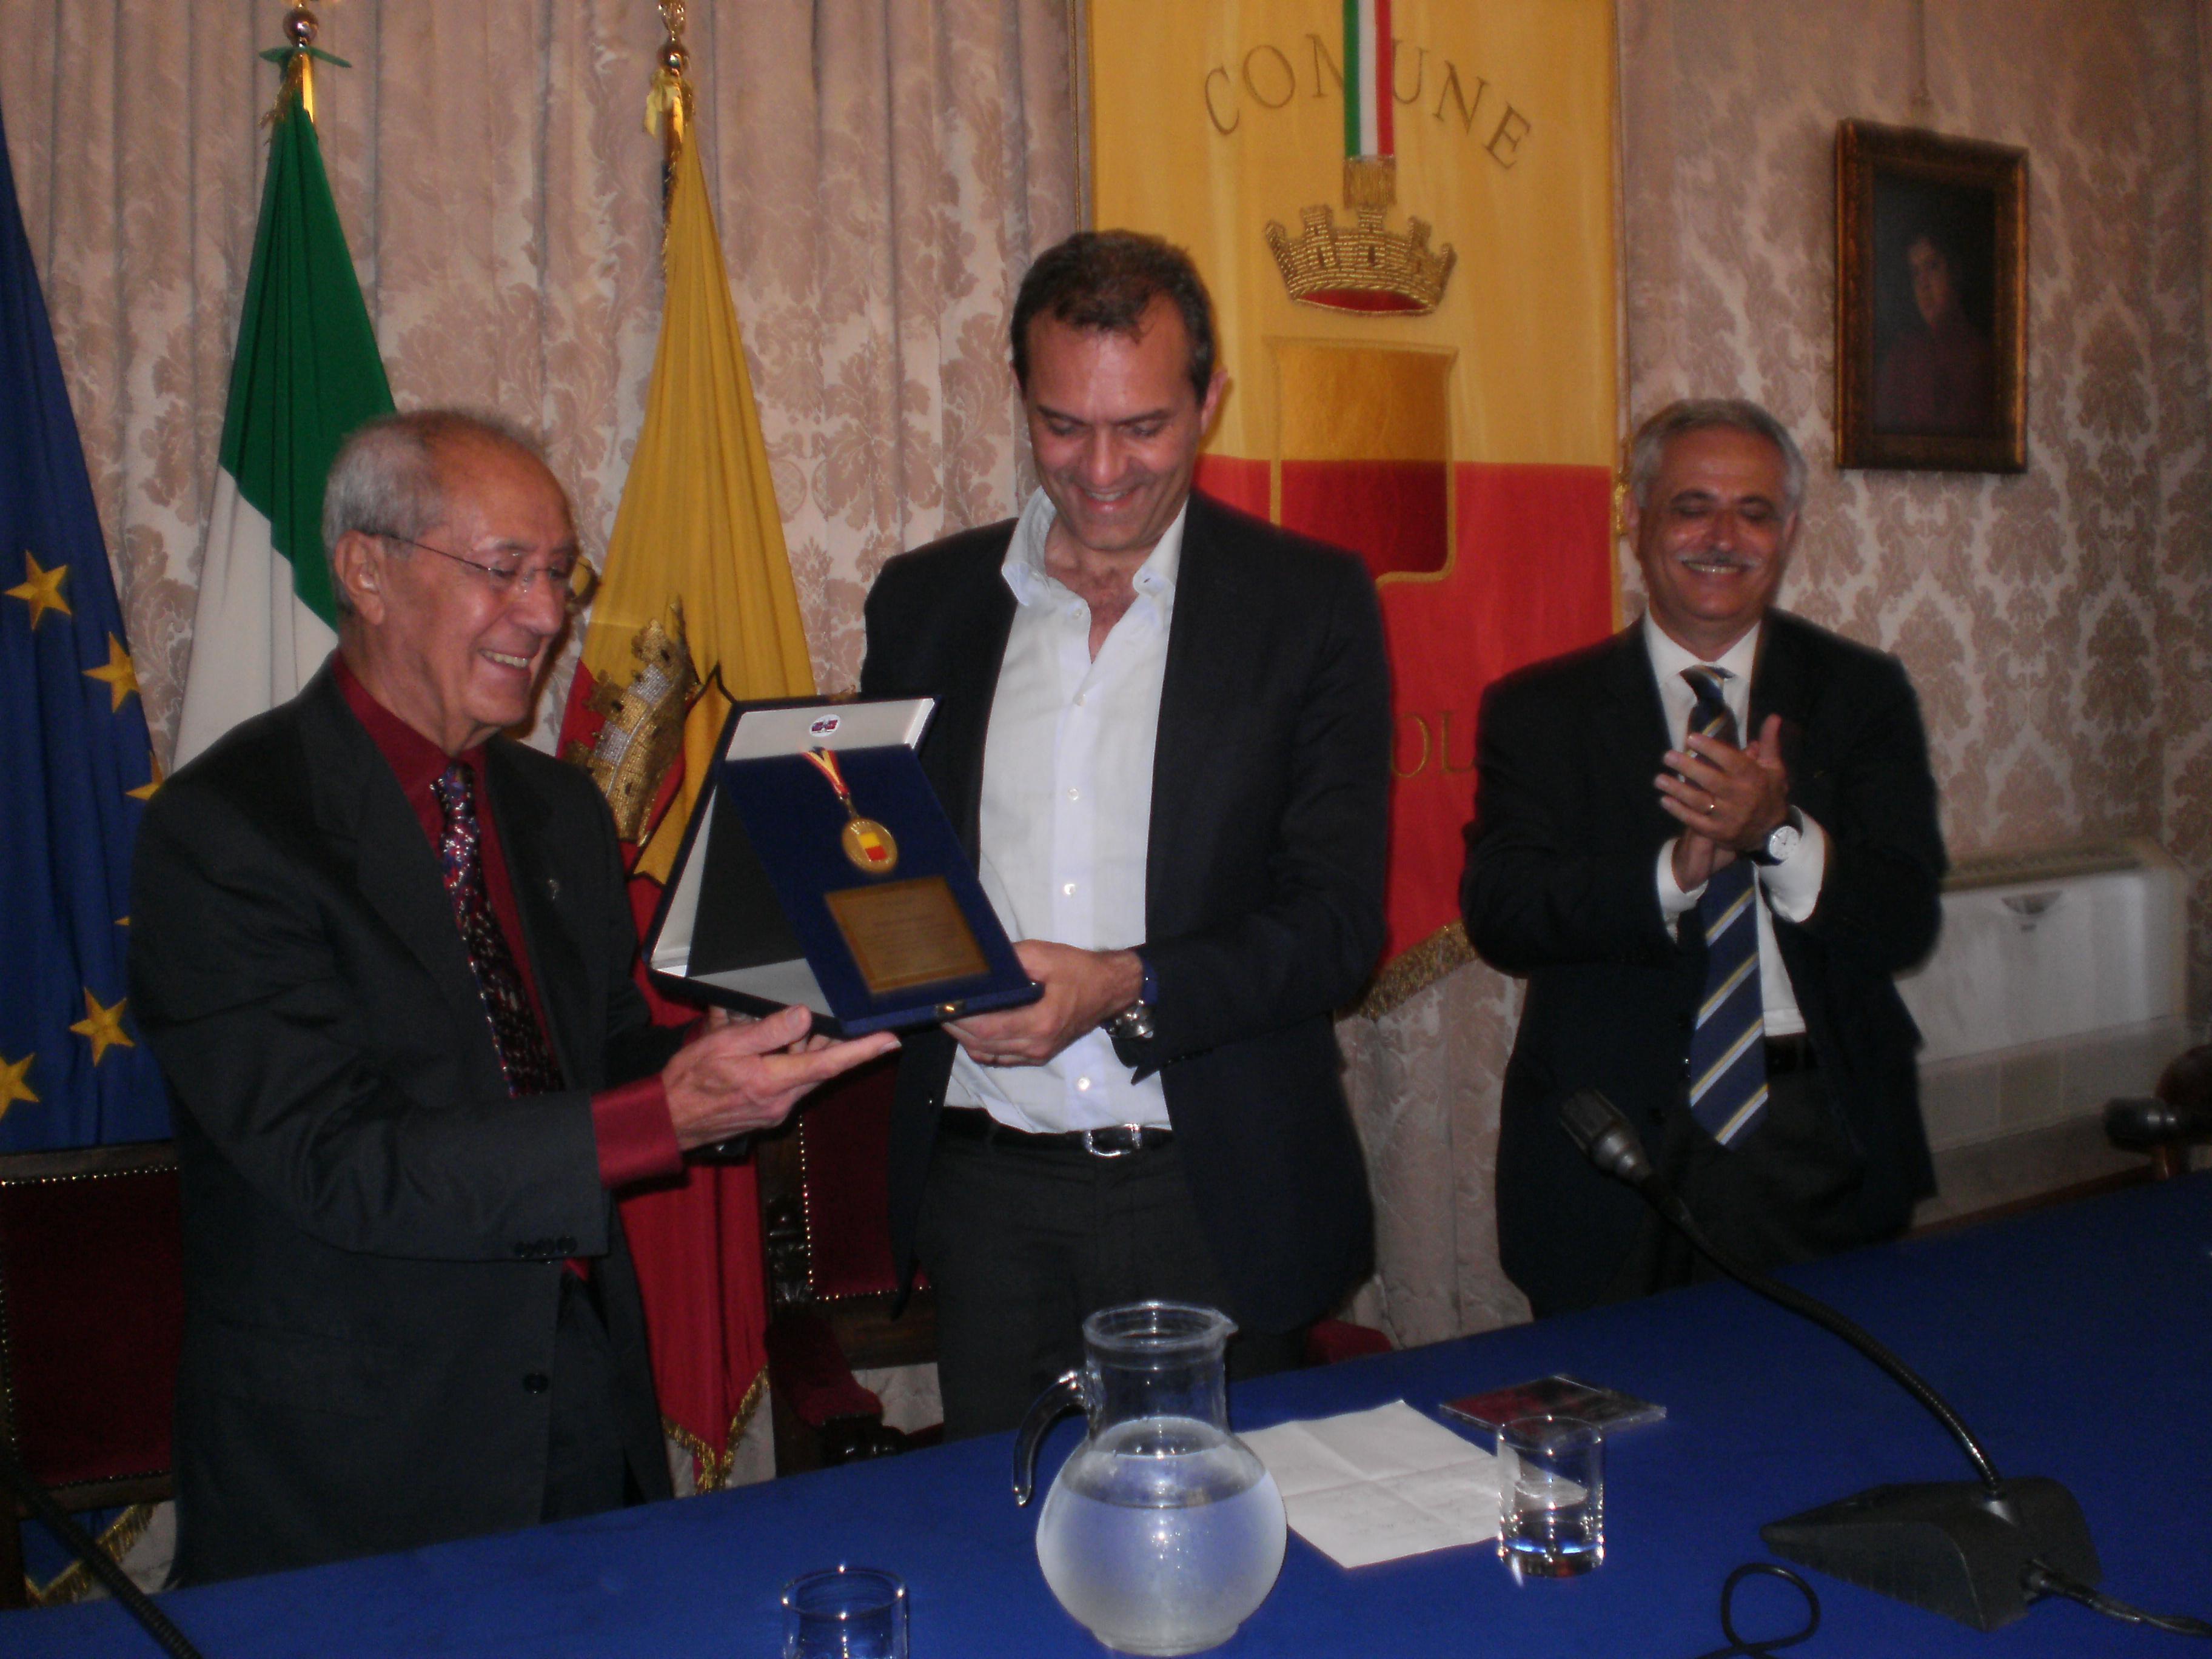 Fausto Cigliano, consegna dell'onorificenza